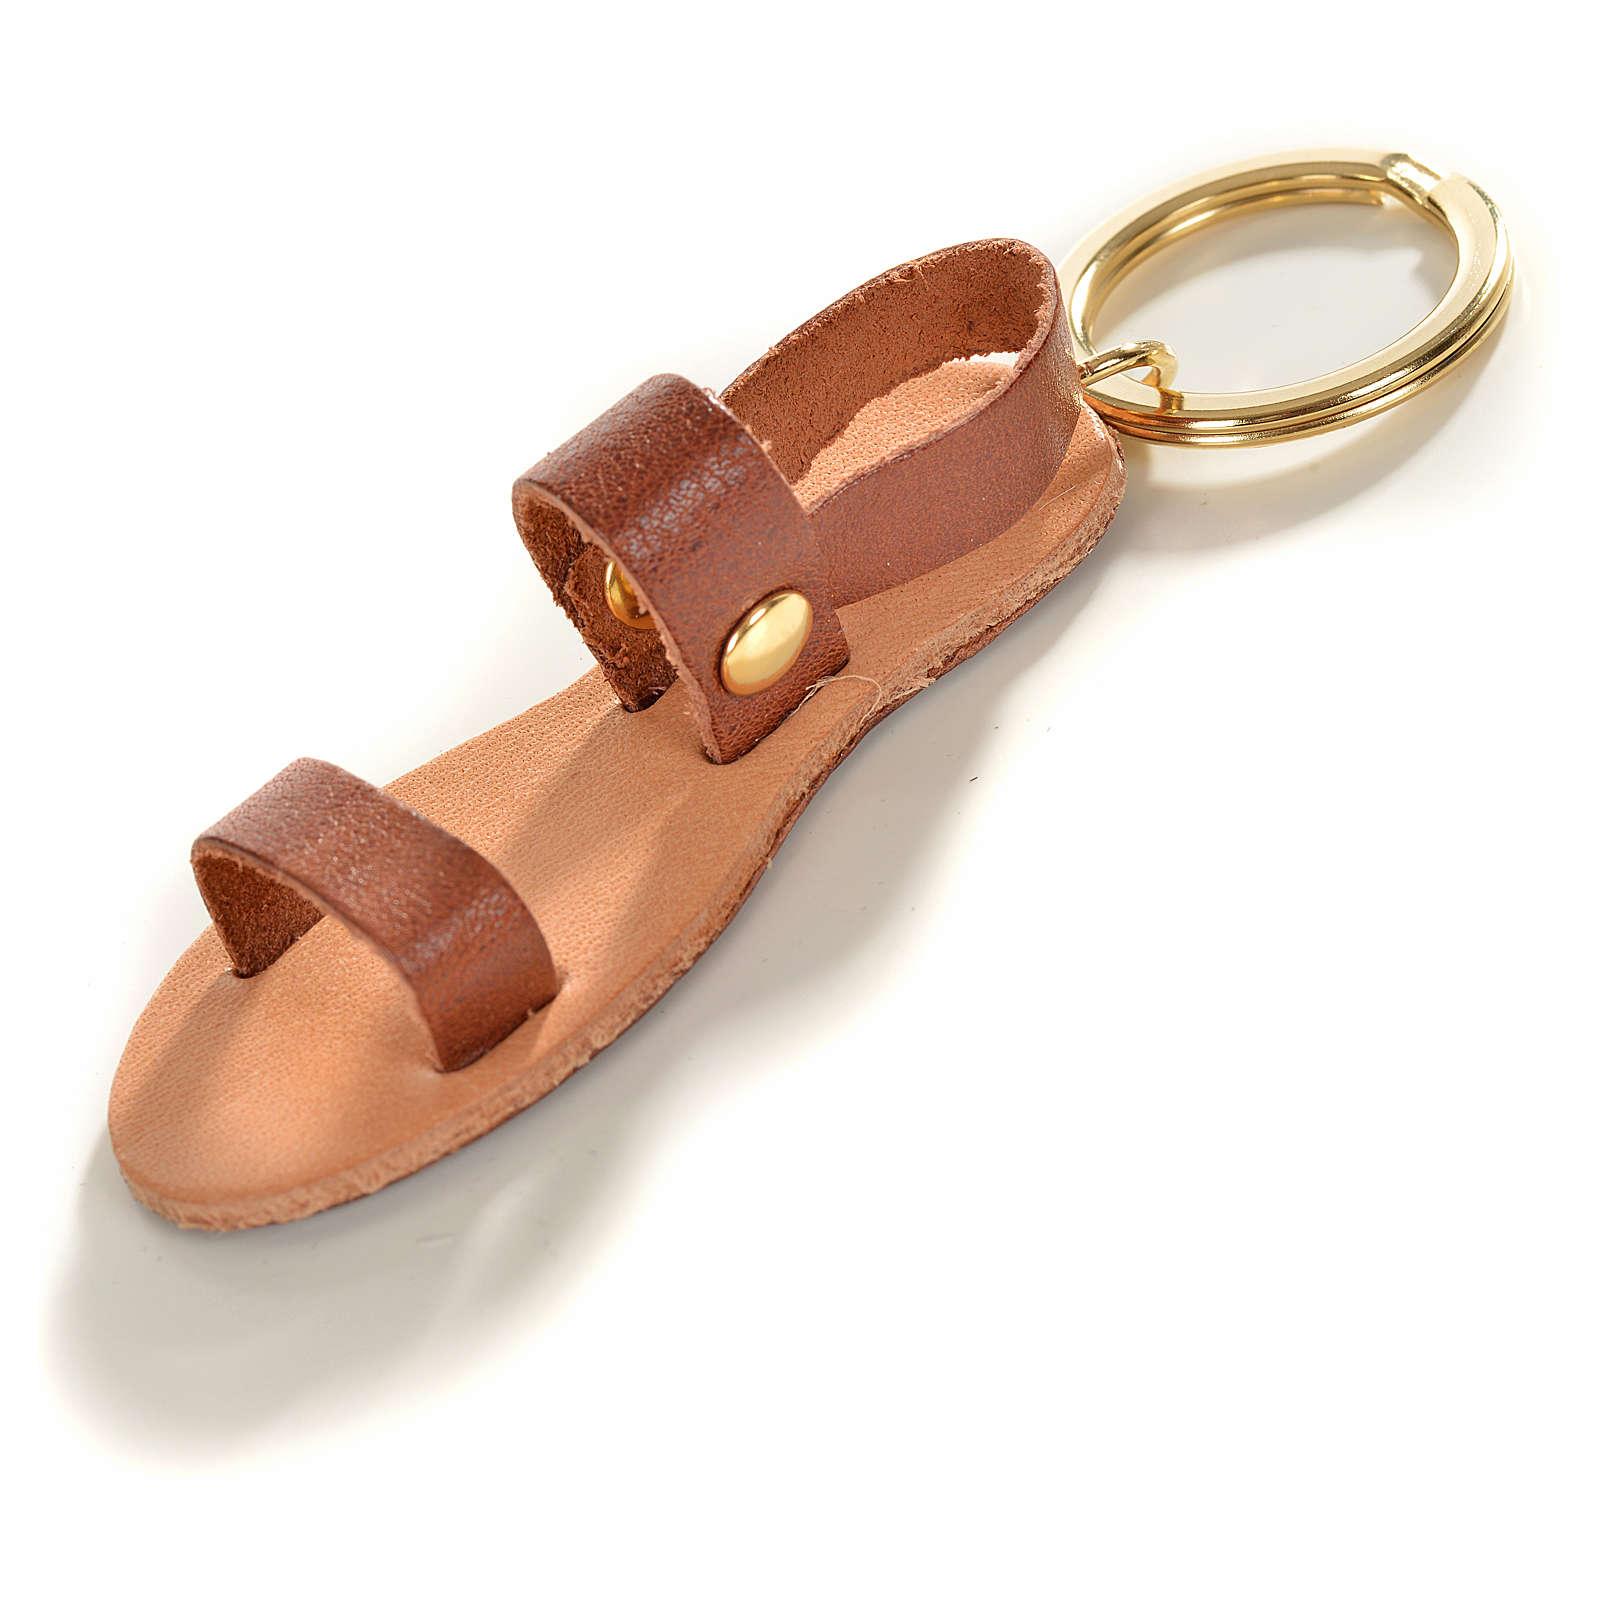 Porte-clé sandale franciscaine cuir 3